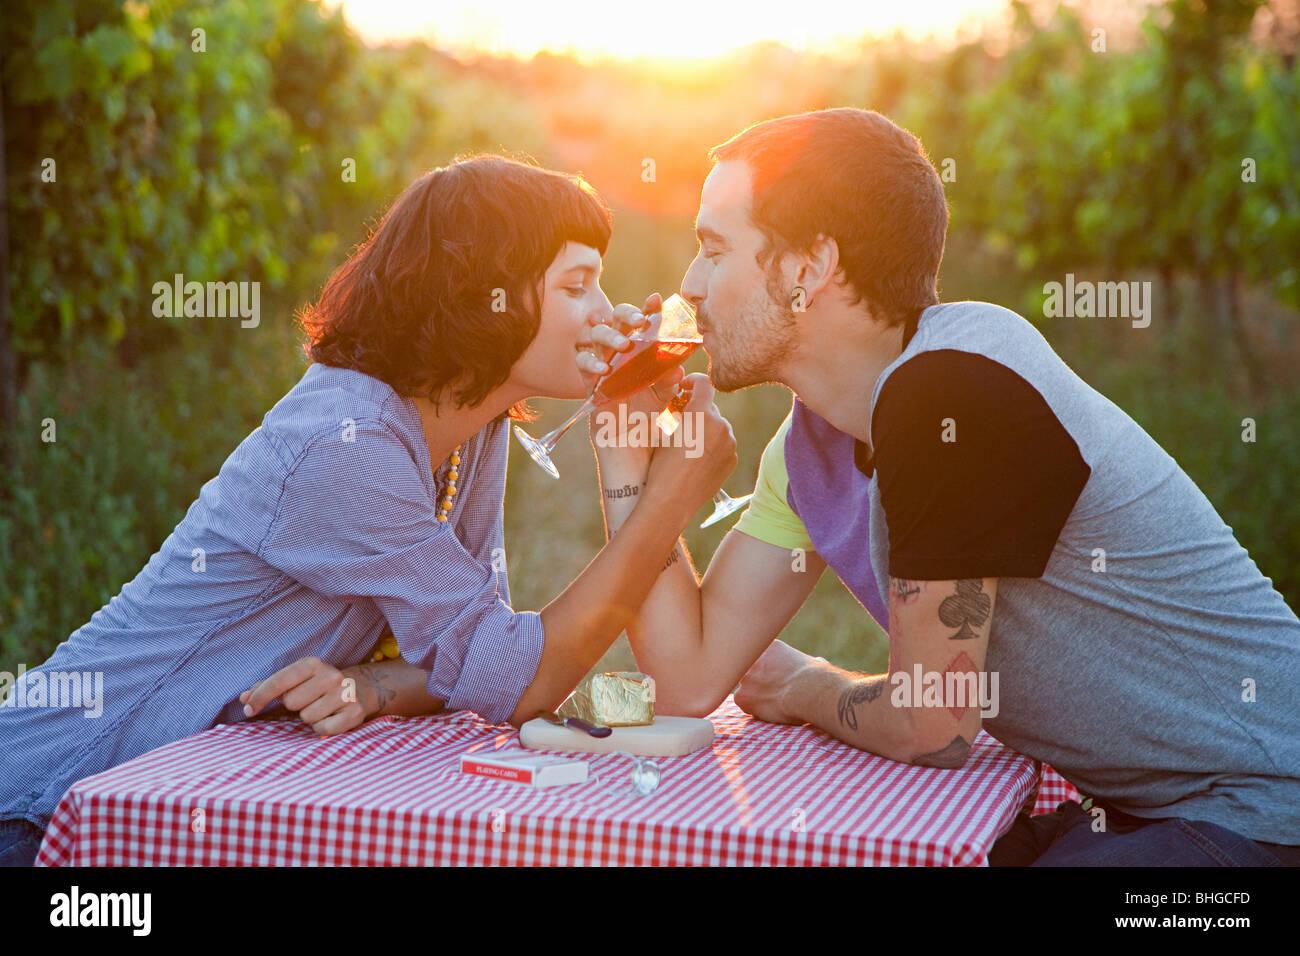 Par bebiendo vino en un campo Imagen De Stock